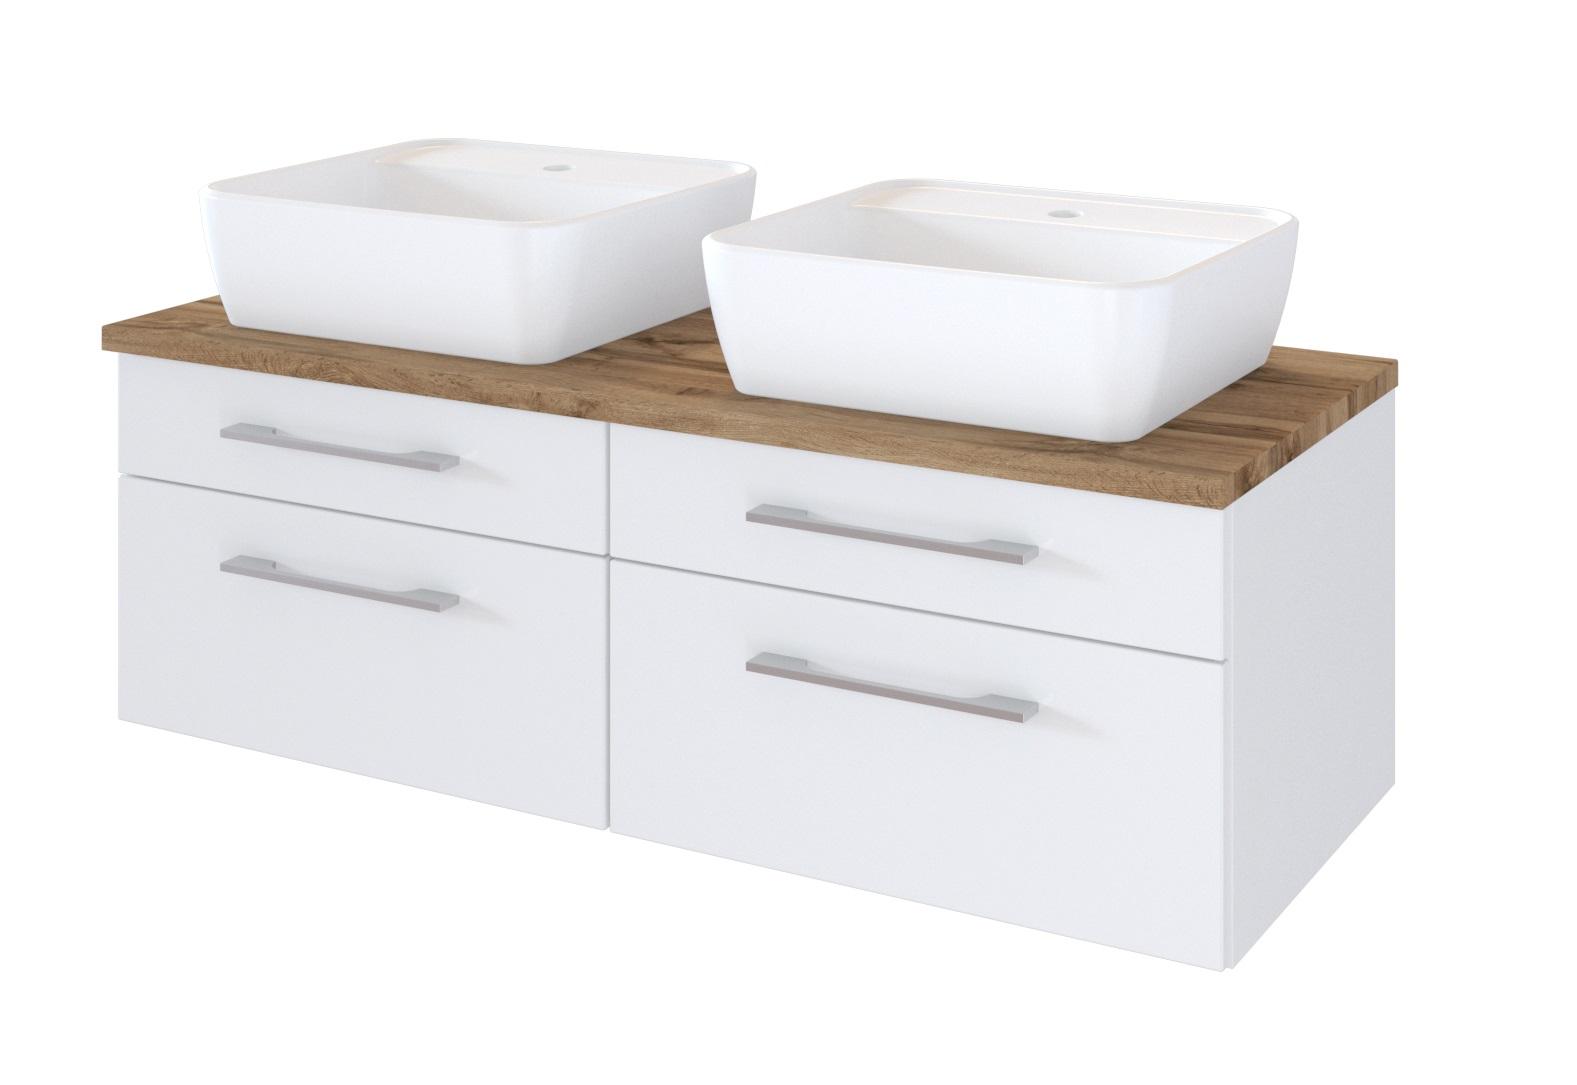 Davos Doppelwaschtisch 120 Inkl Keramik Aufsatzbecken Weiß Wohnorama